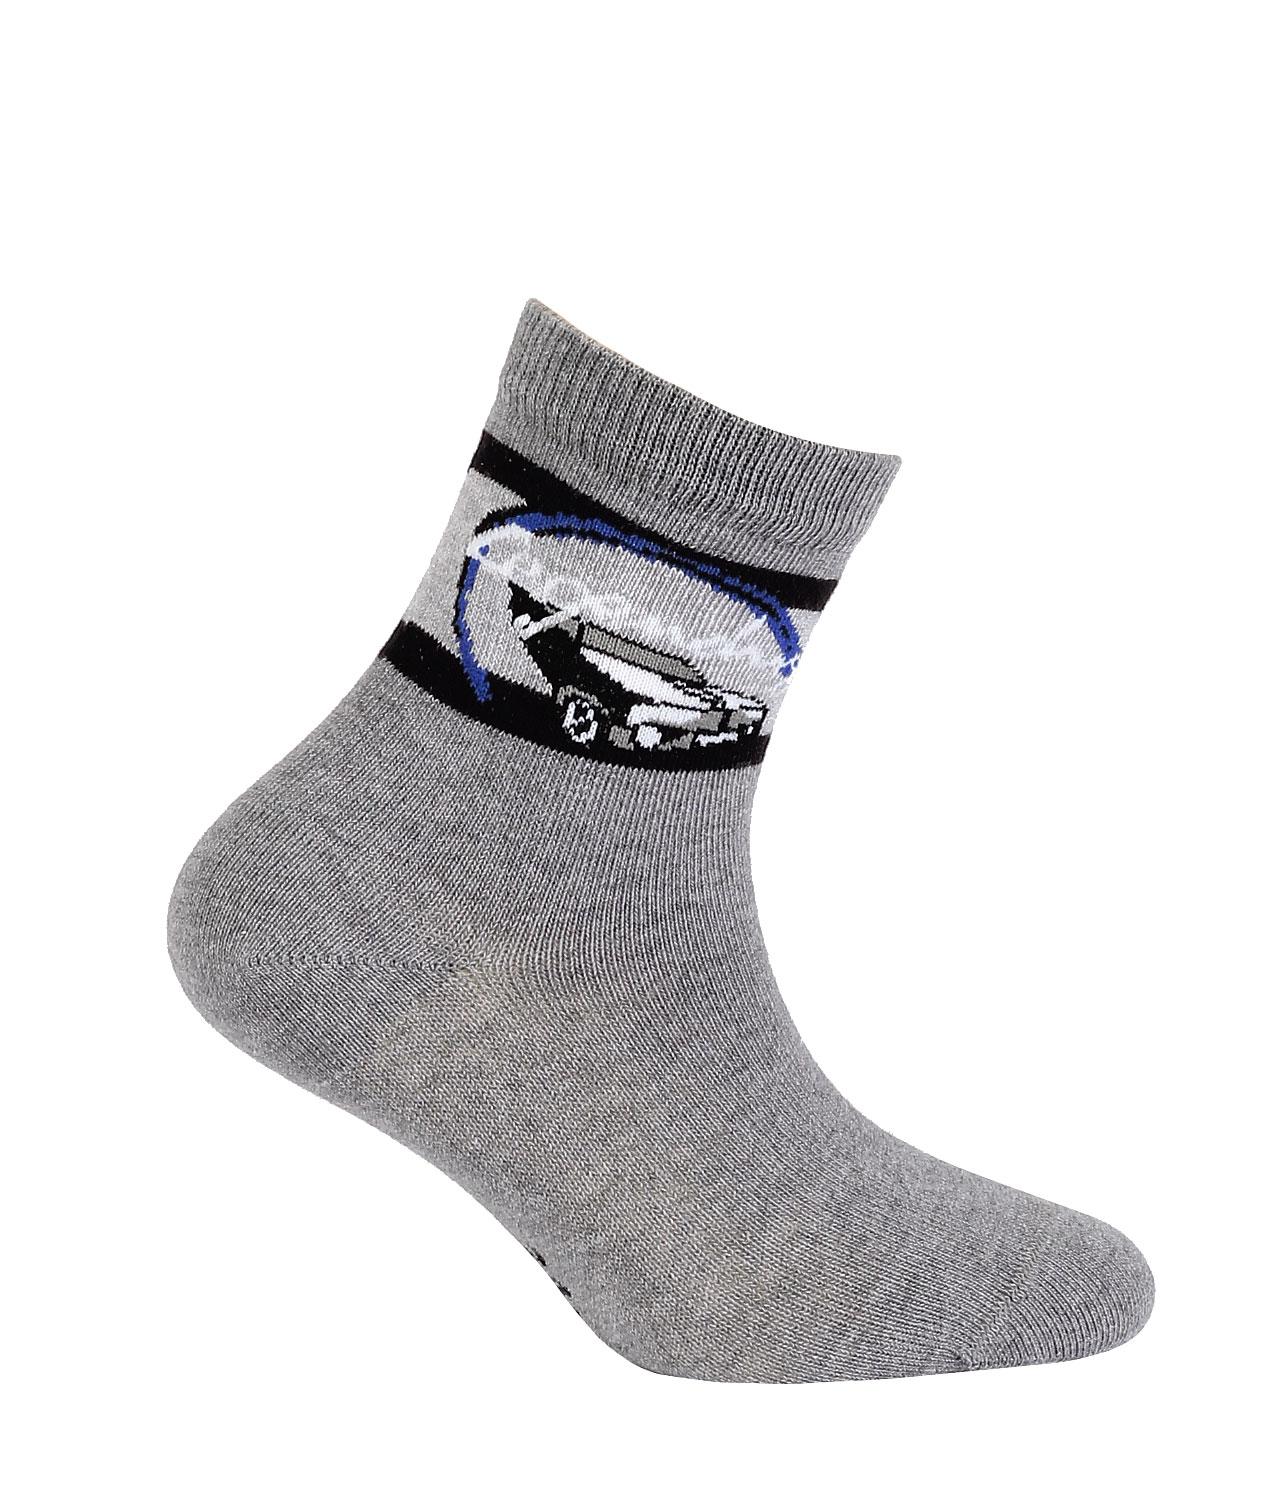 ponožky vzor WOLA AUTO LEGENDARY tmavě šedé 21-23